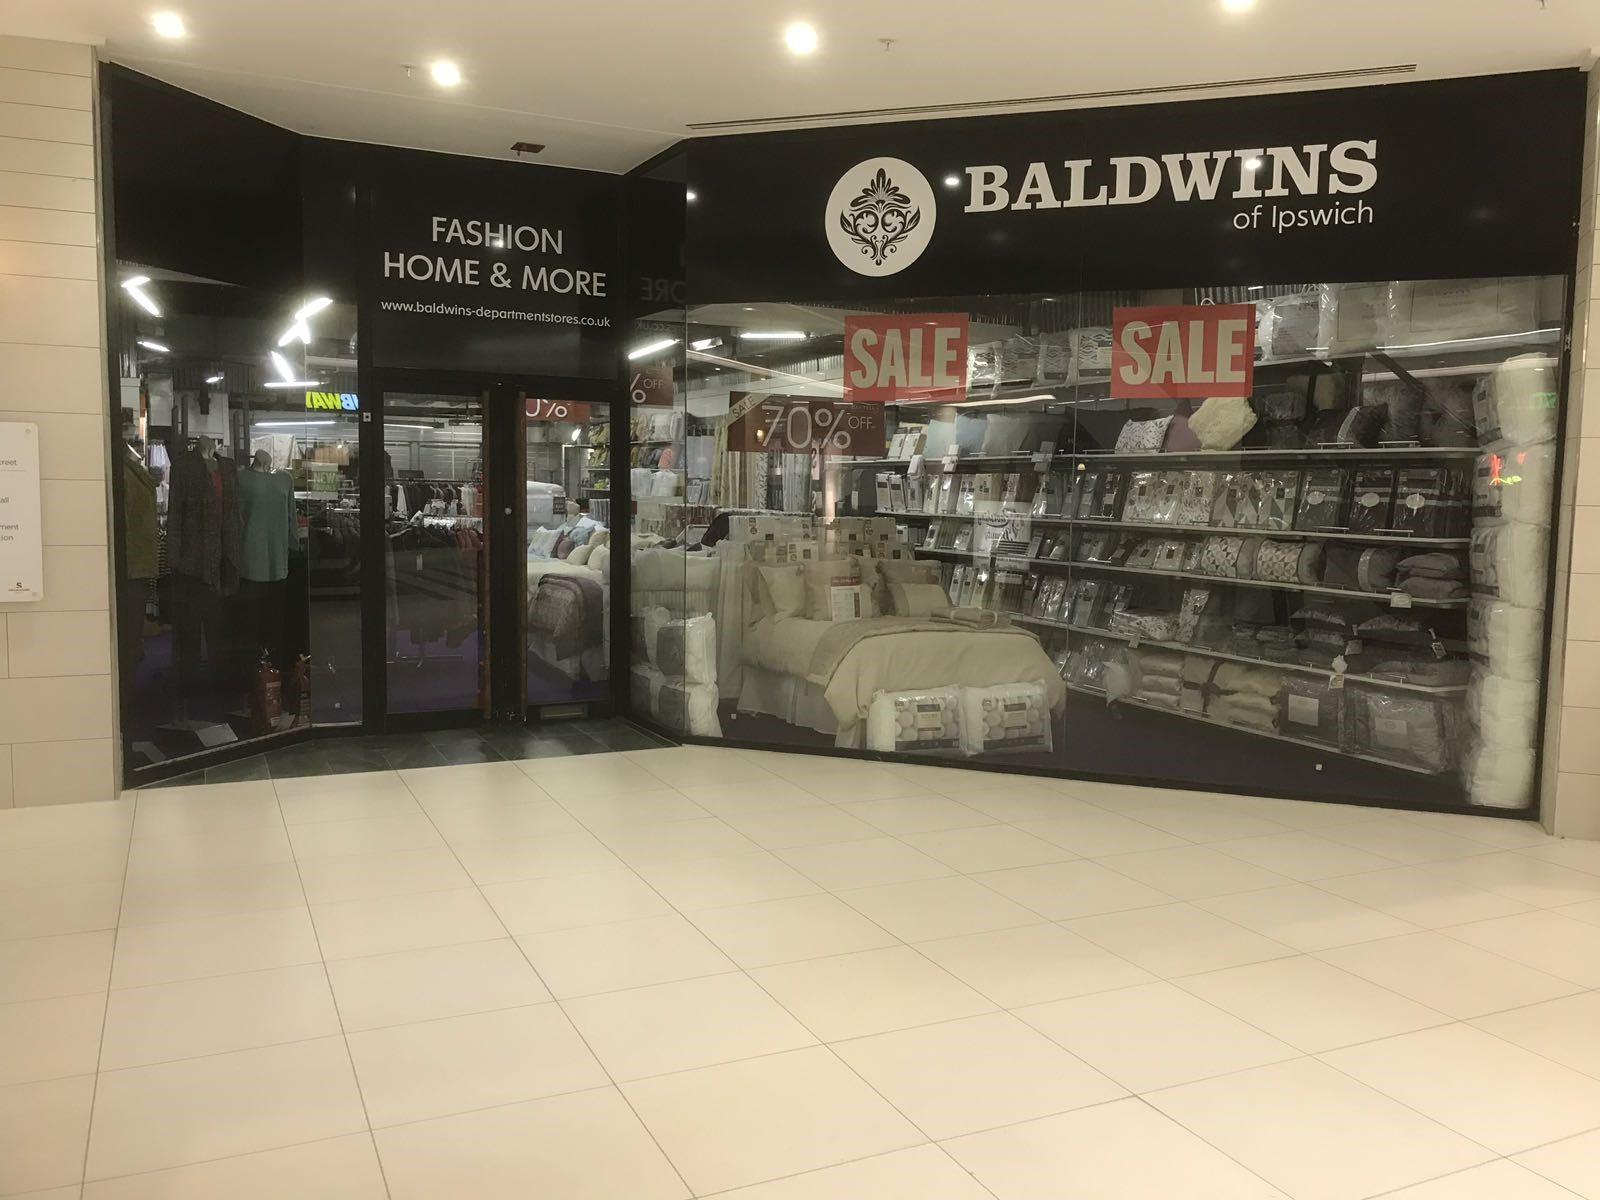 Baldwins of ipswich store